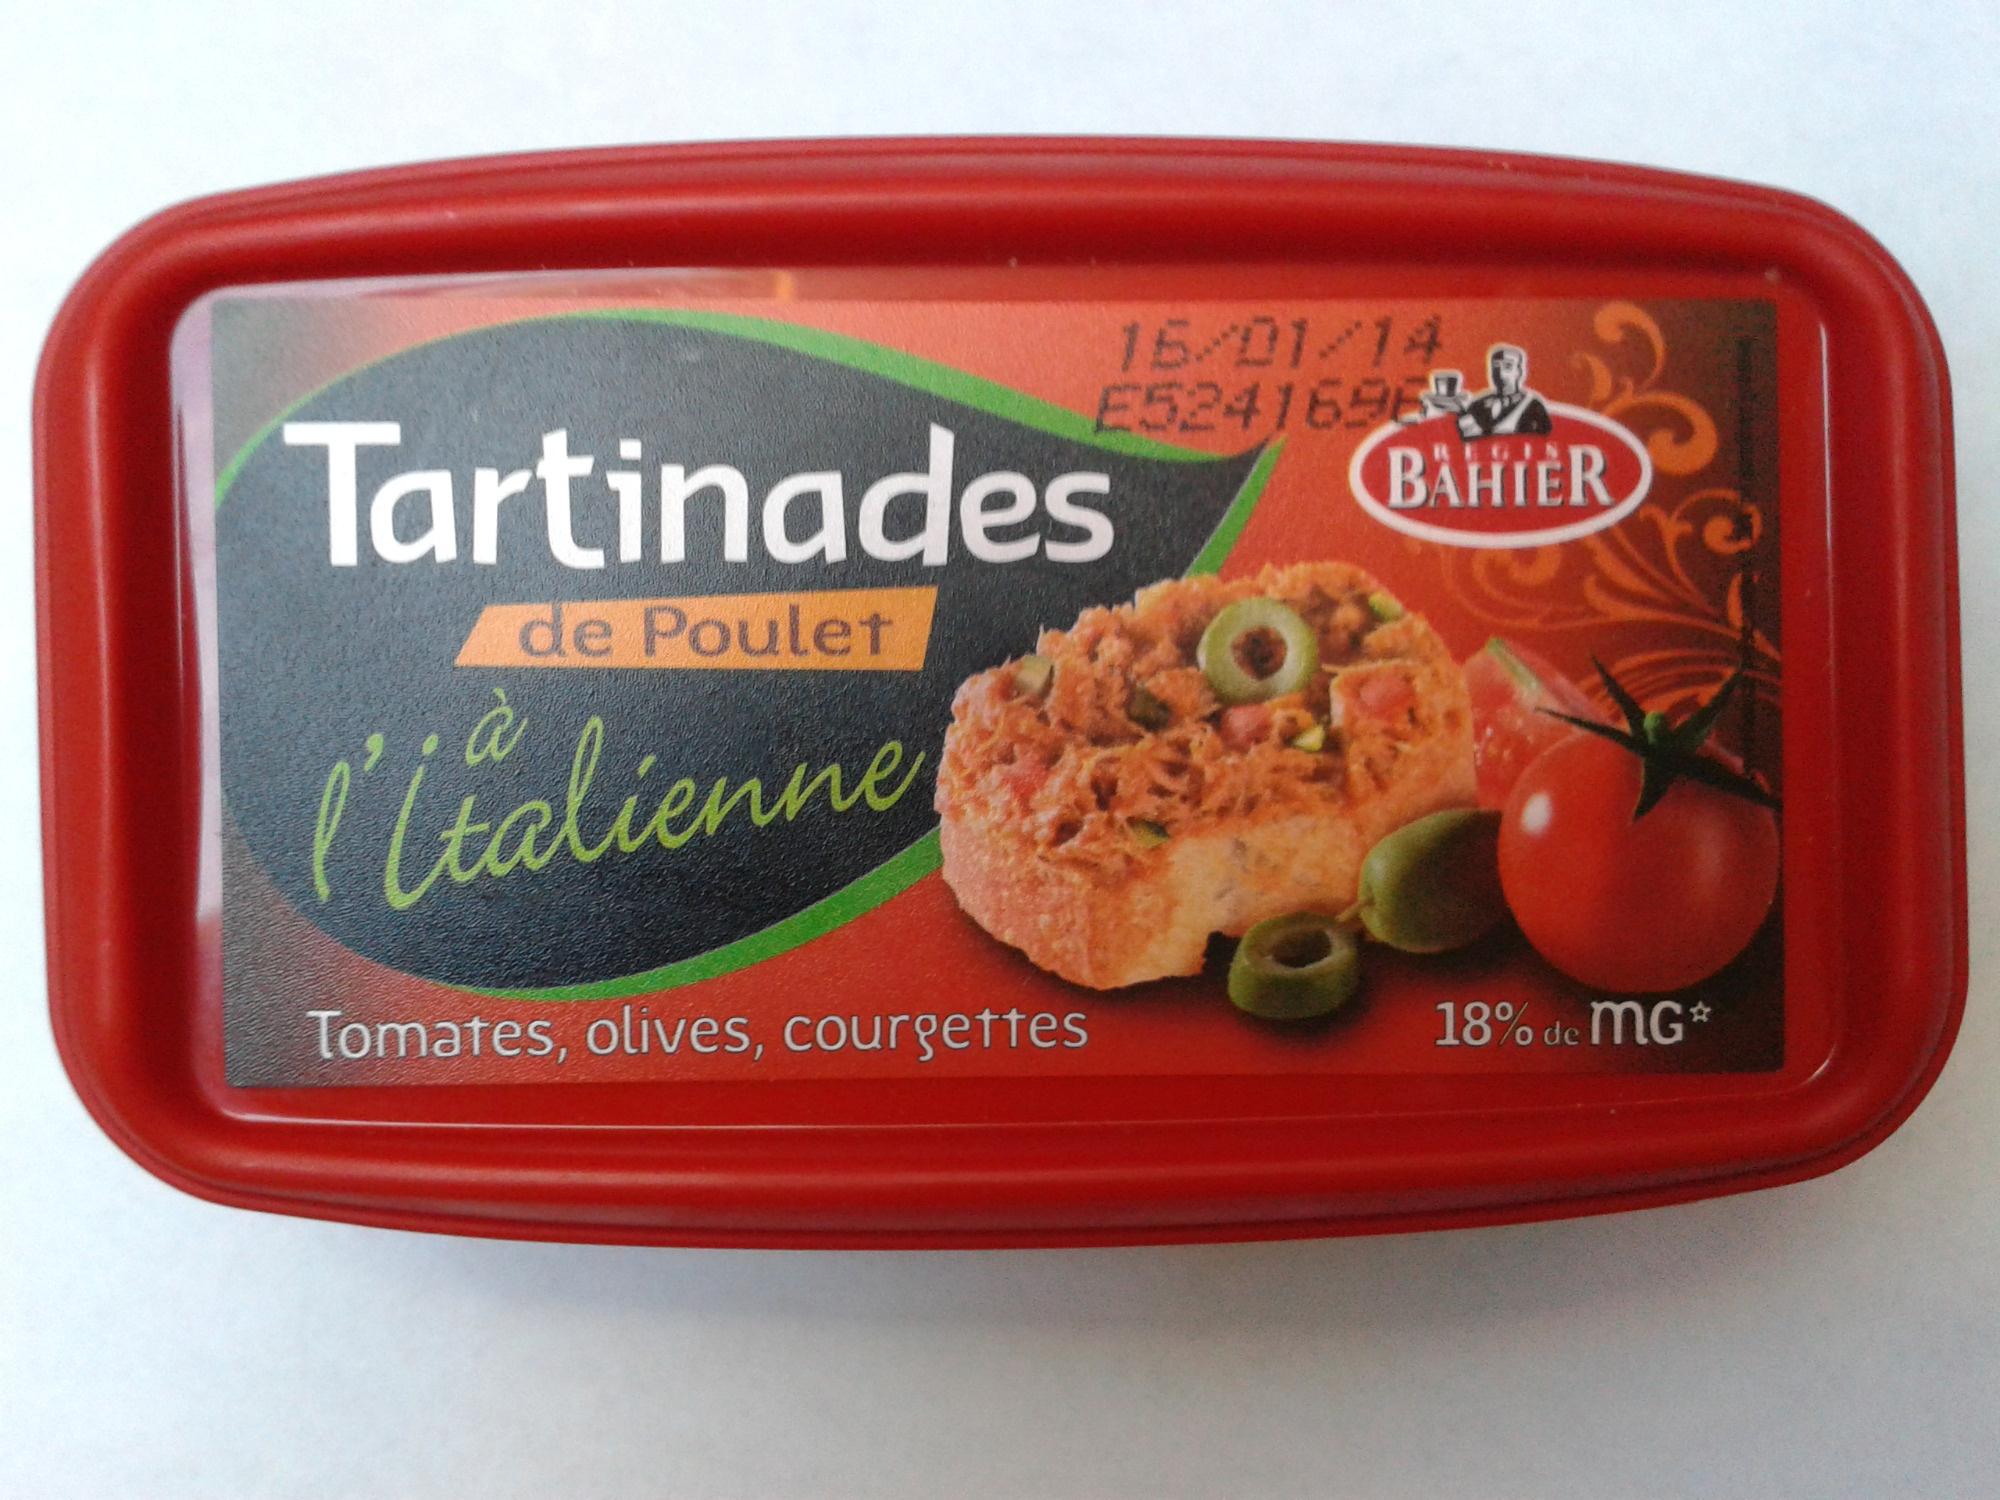 Tartinades de Poulet à l'Italienne (18 % MG) - Produit - fr